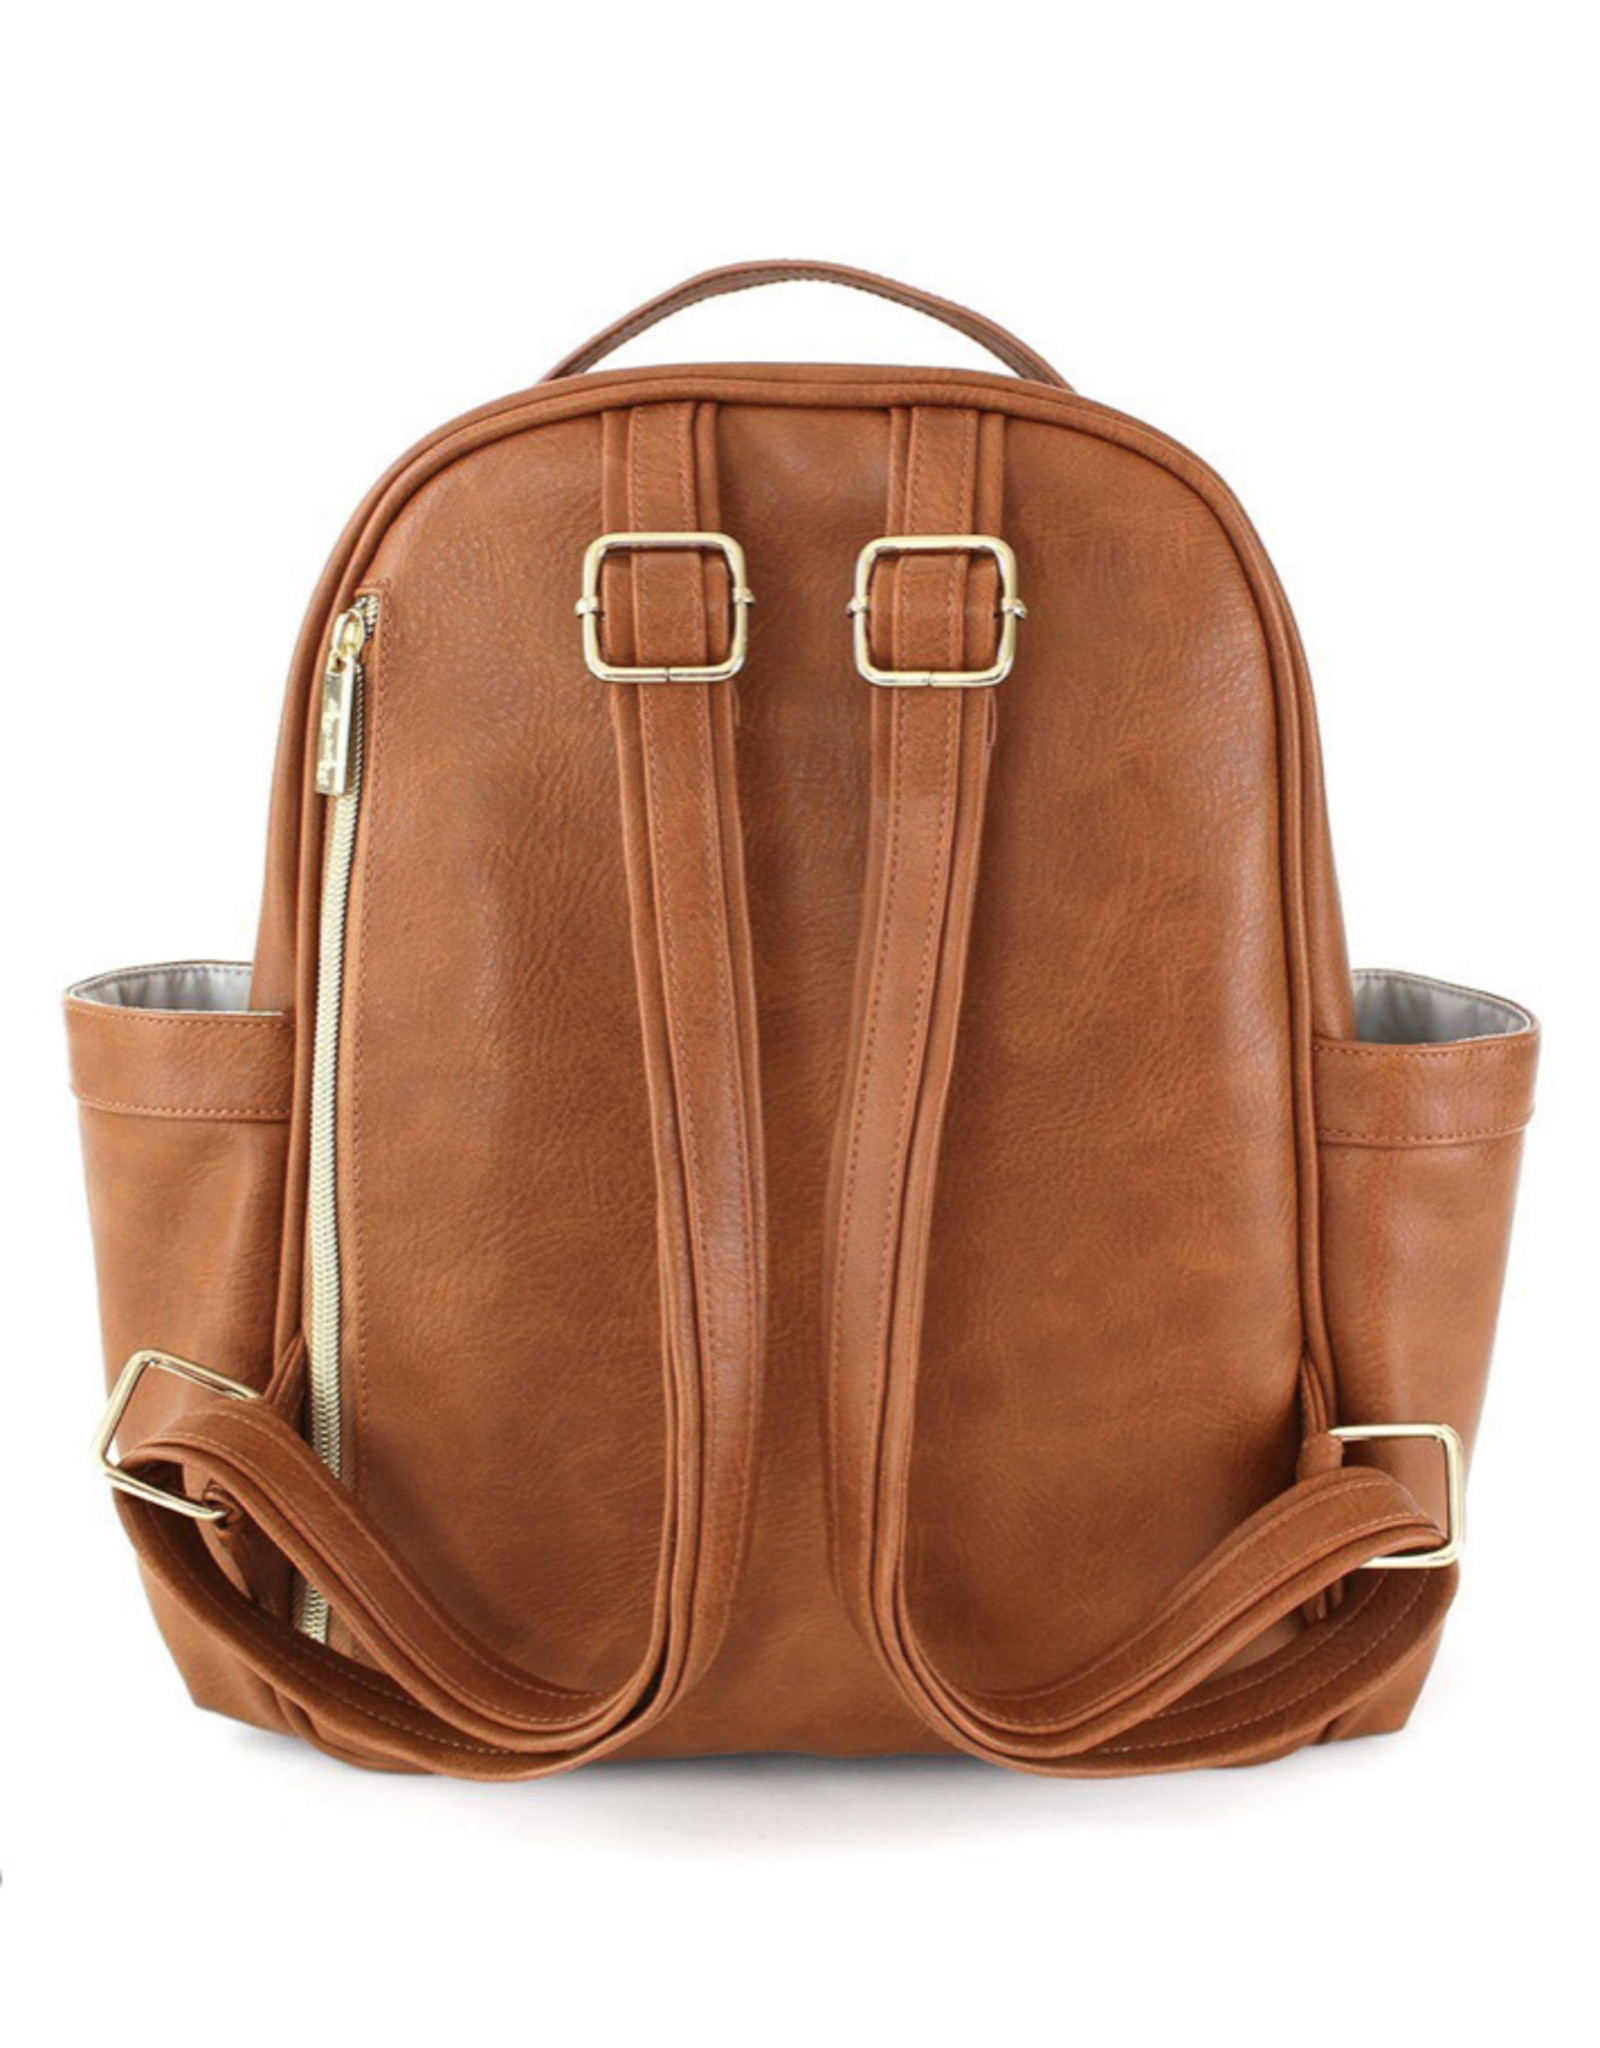 Itzy Ritzy Itzy Ritzy, Diaperbag Backpack, Cognac